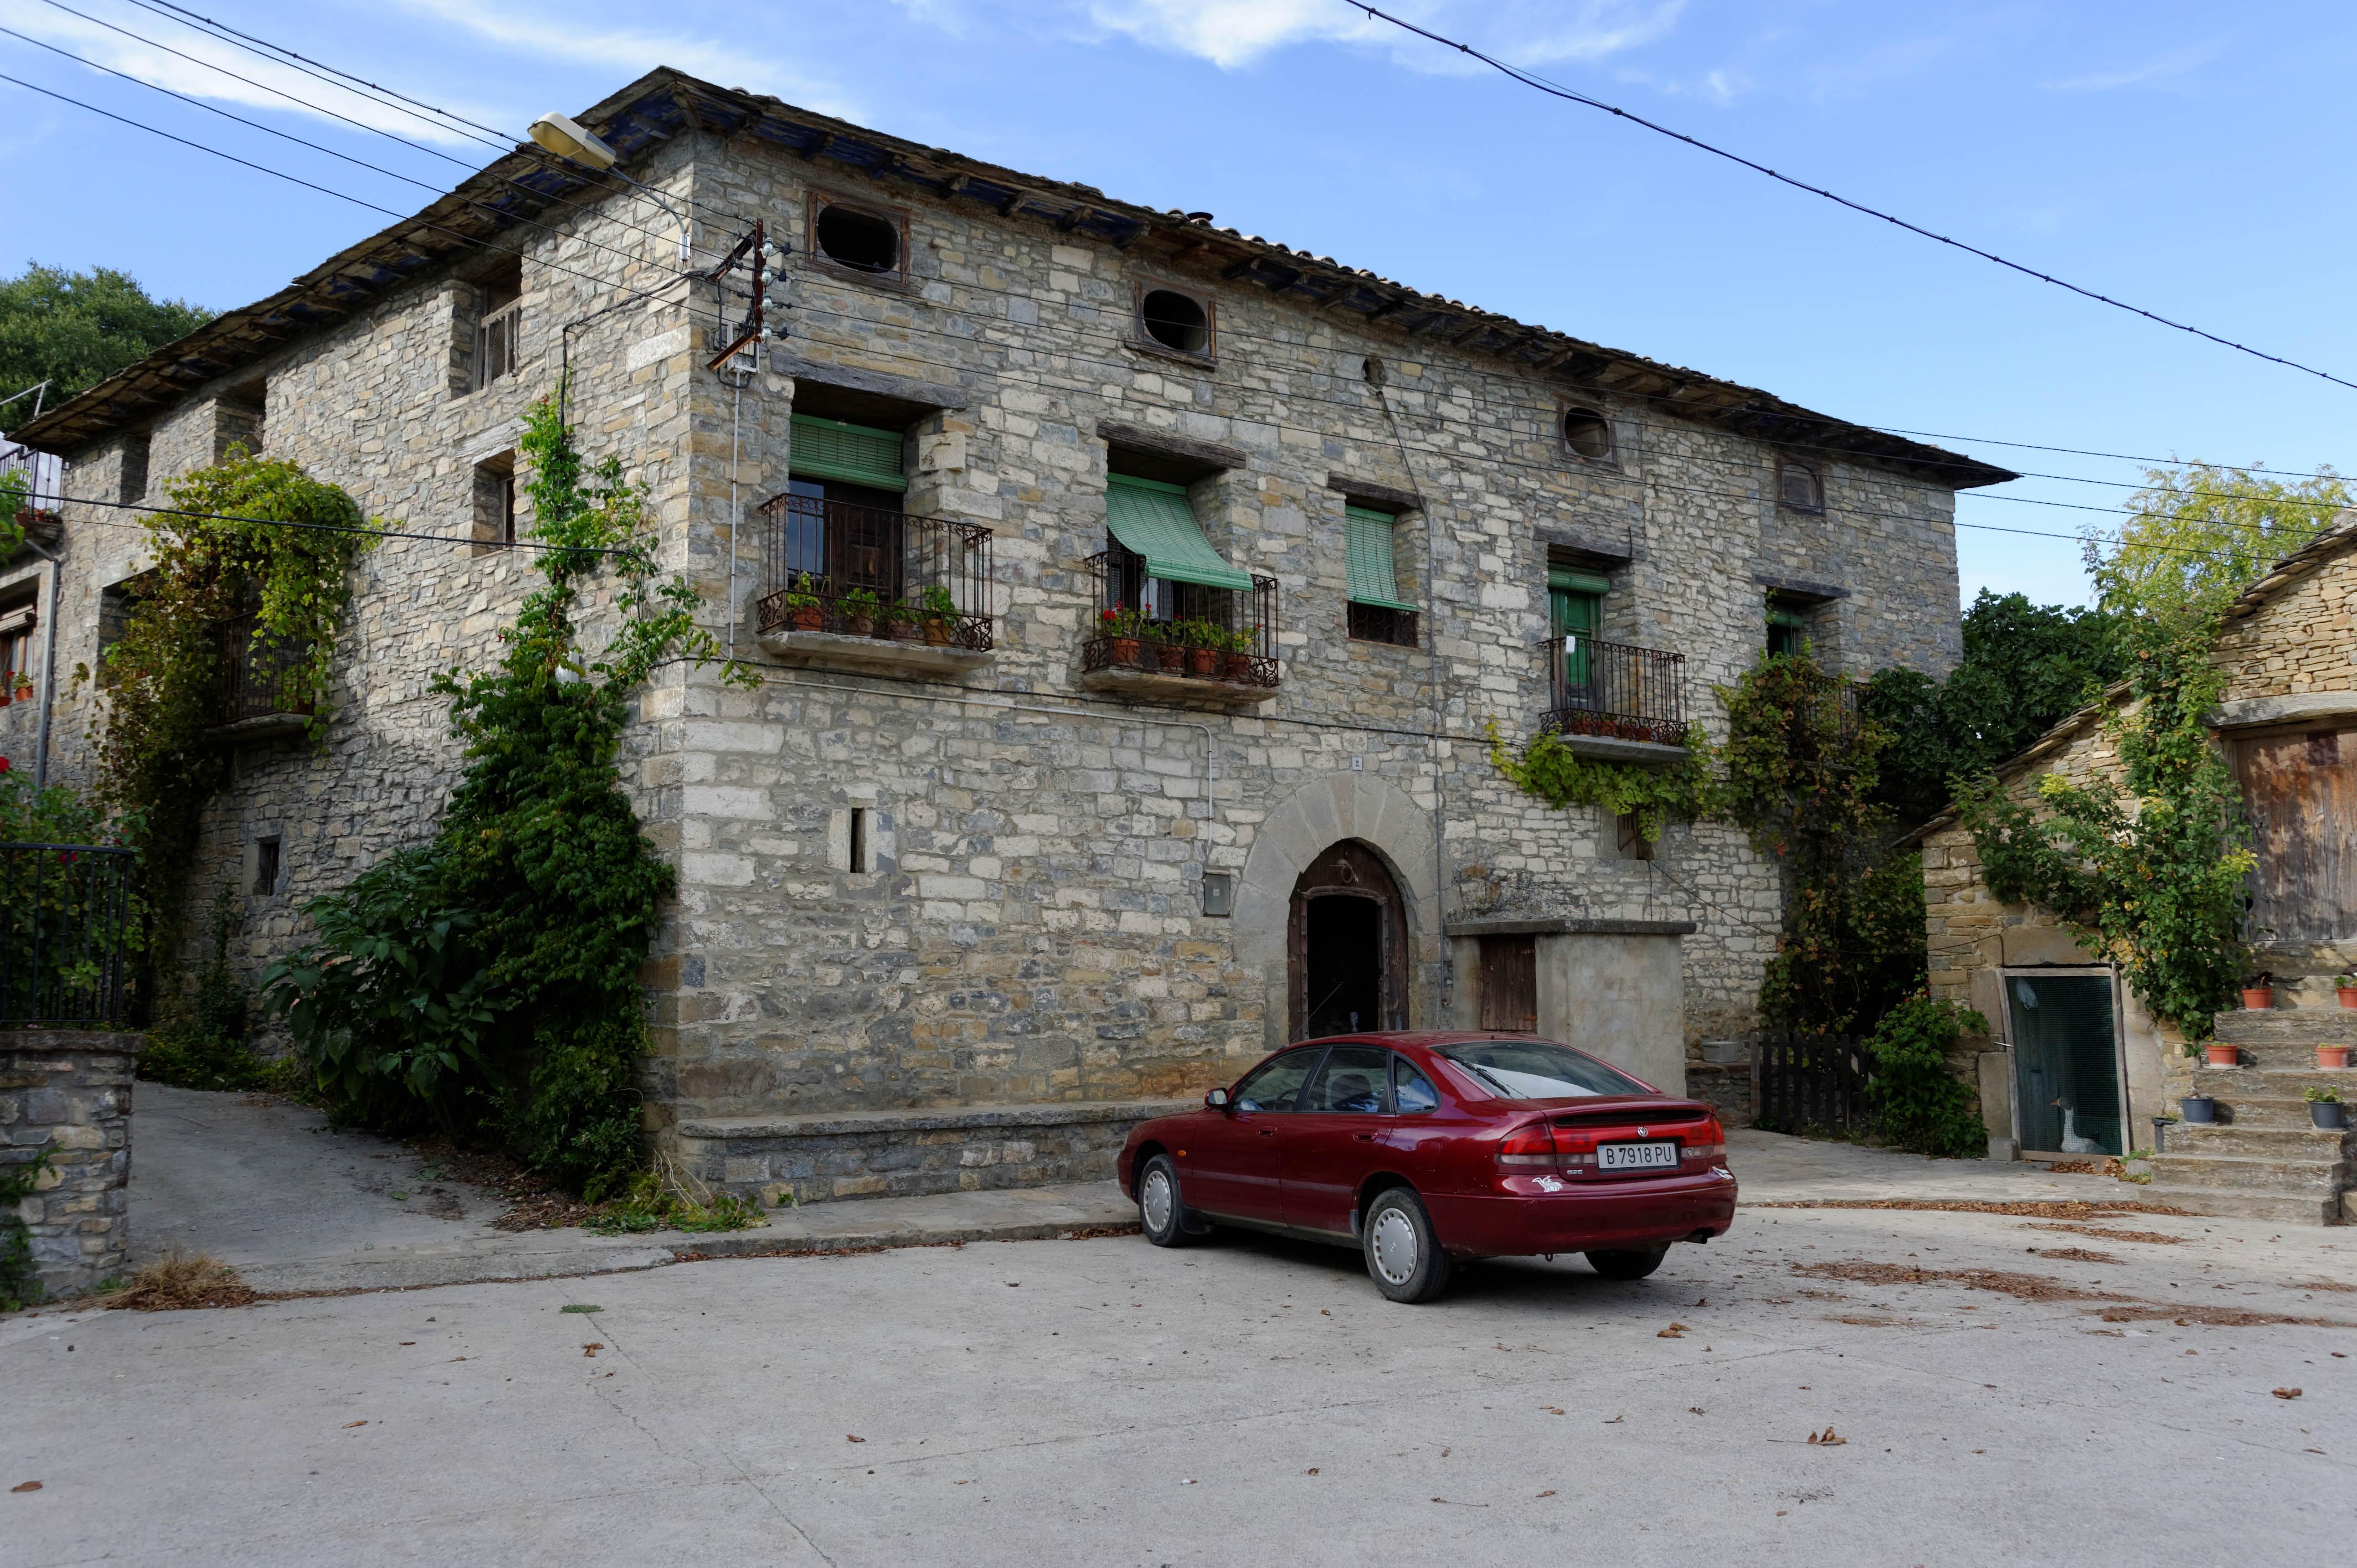 4204_Camporrotuno (Aragon)